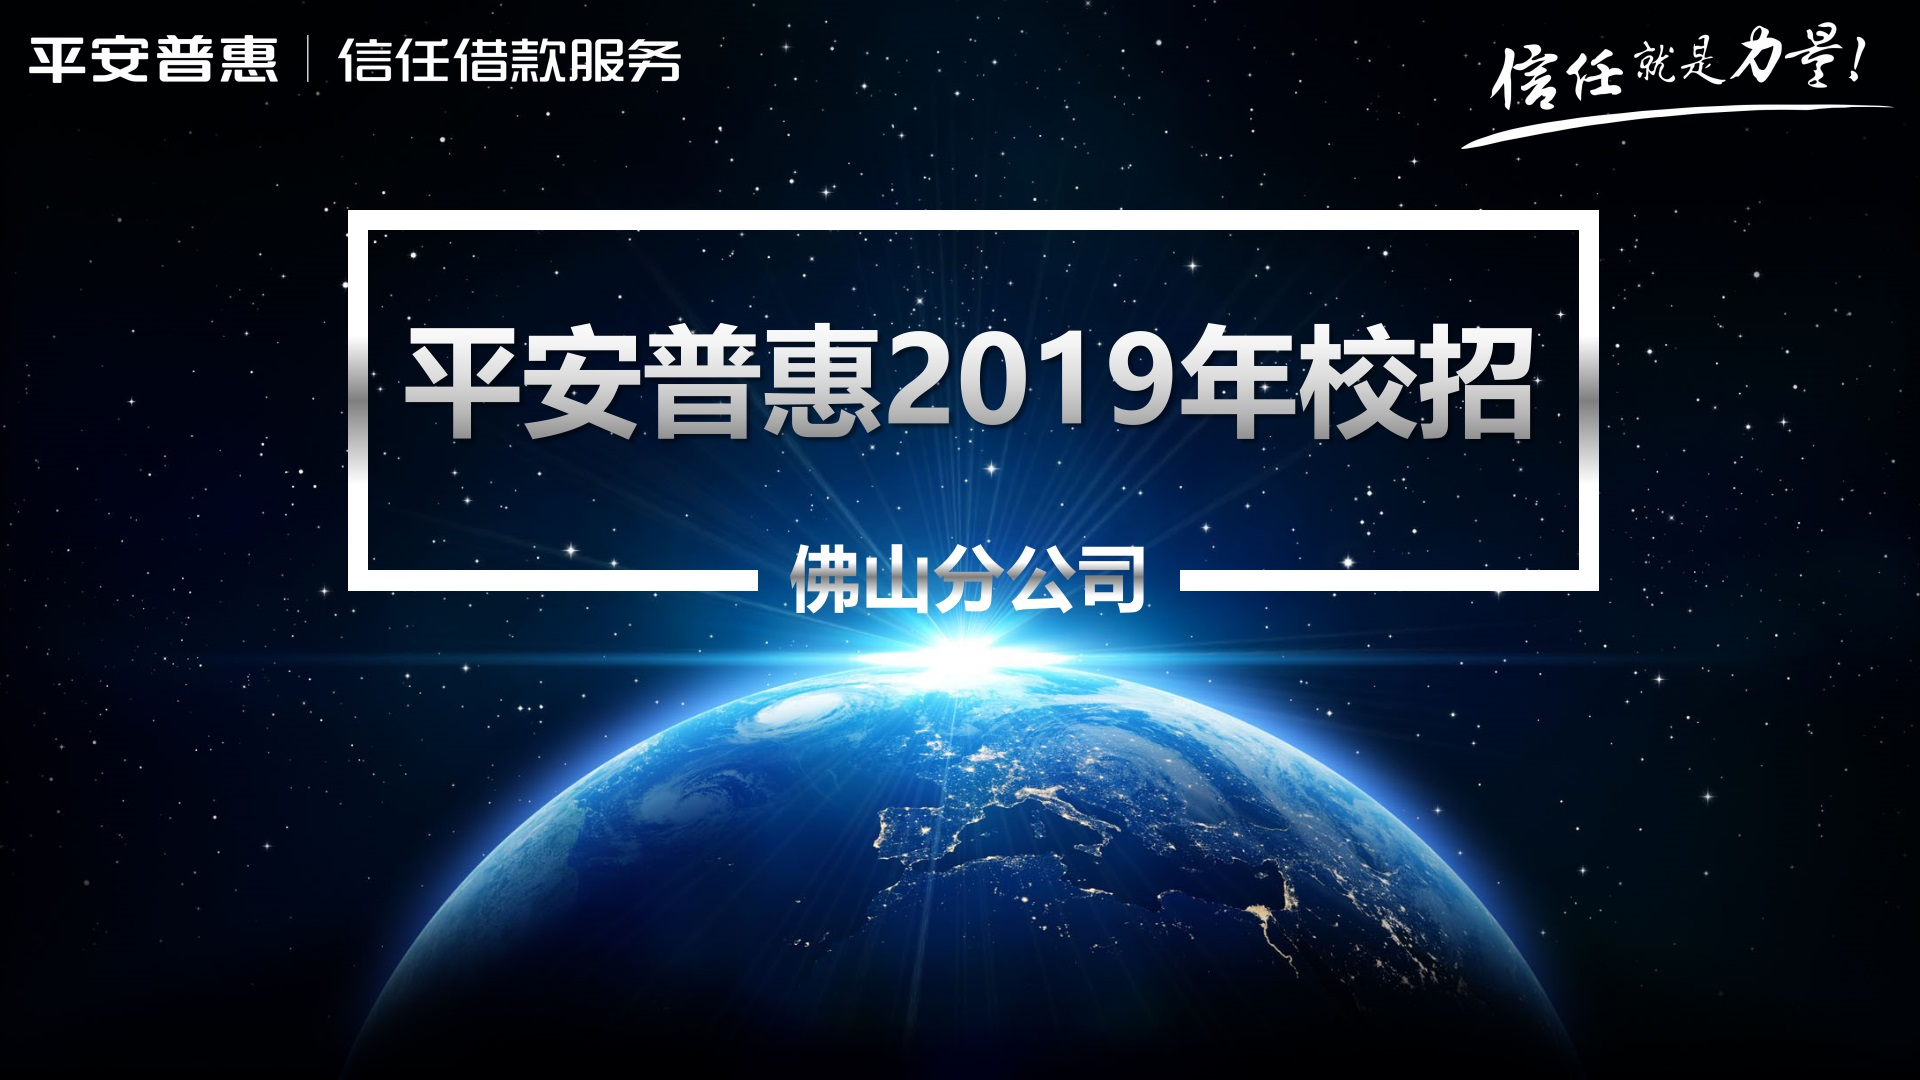 平安普惠投资咨询有限公司佛山岭南分公司宣讲会